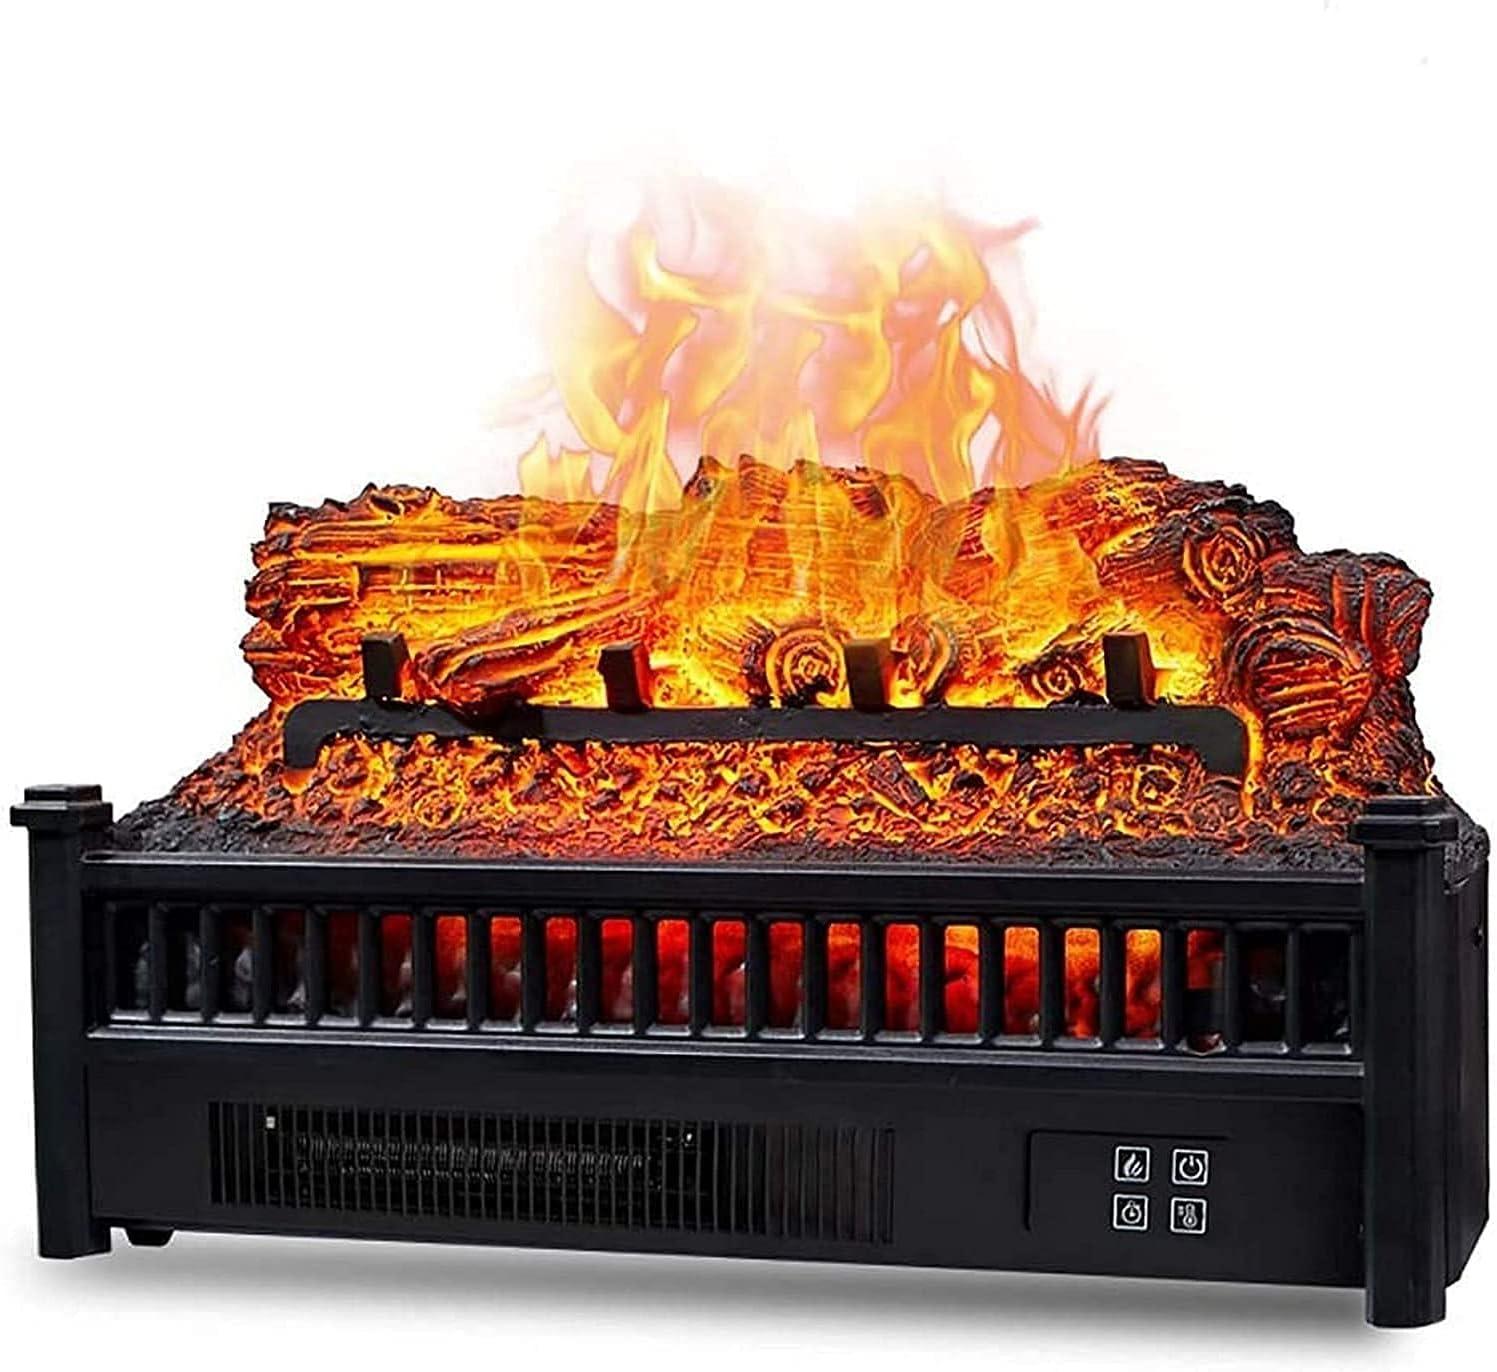 Black Eternal Flame Chimenea eléctrica calefacción de leña Chimenea eléctrica Inserto de Cuarzo de Madera Calentador de Ventilador de Cama de brasas Realista con Control Remoto por Infrarrojos